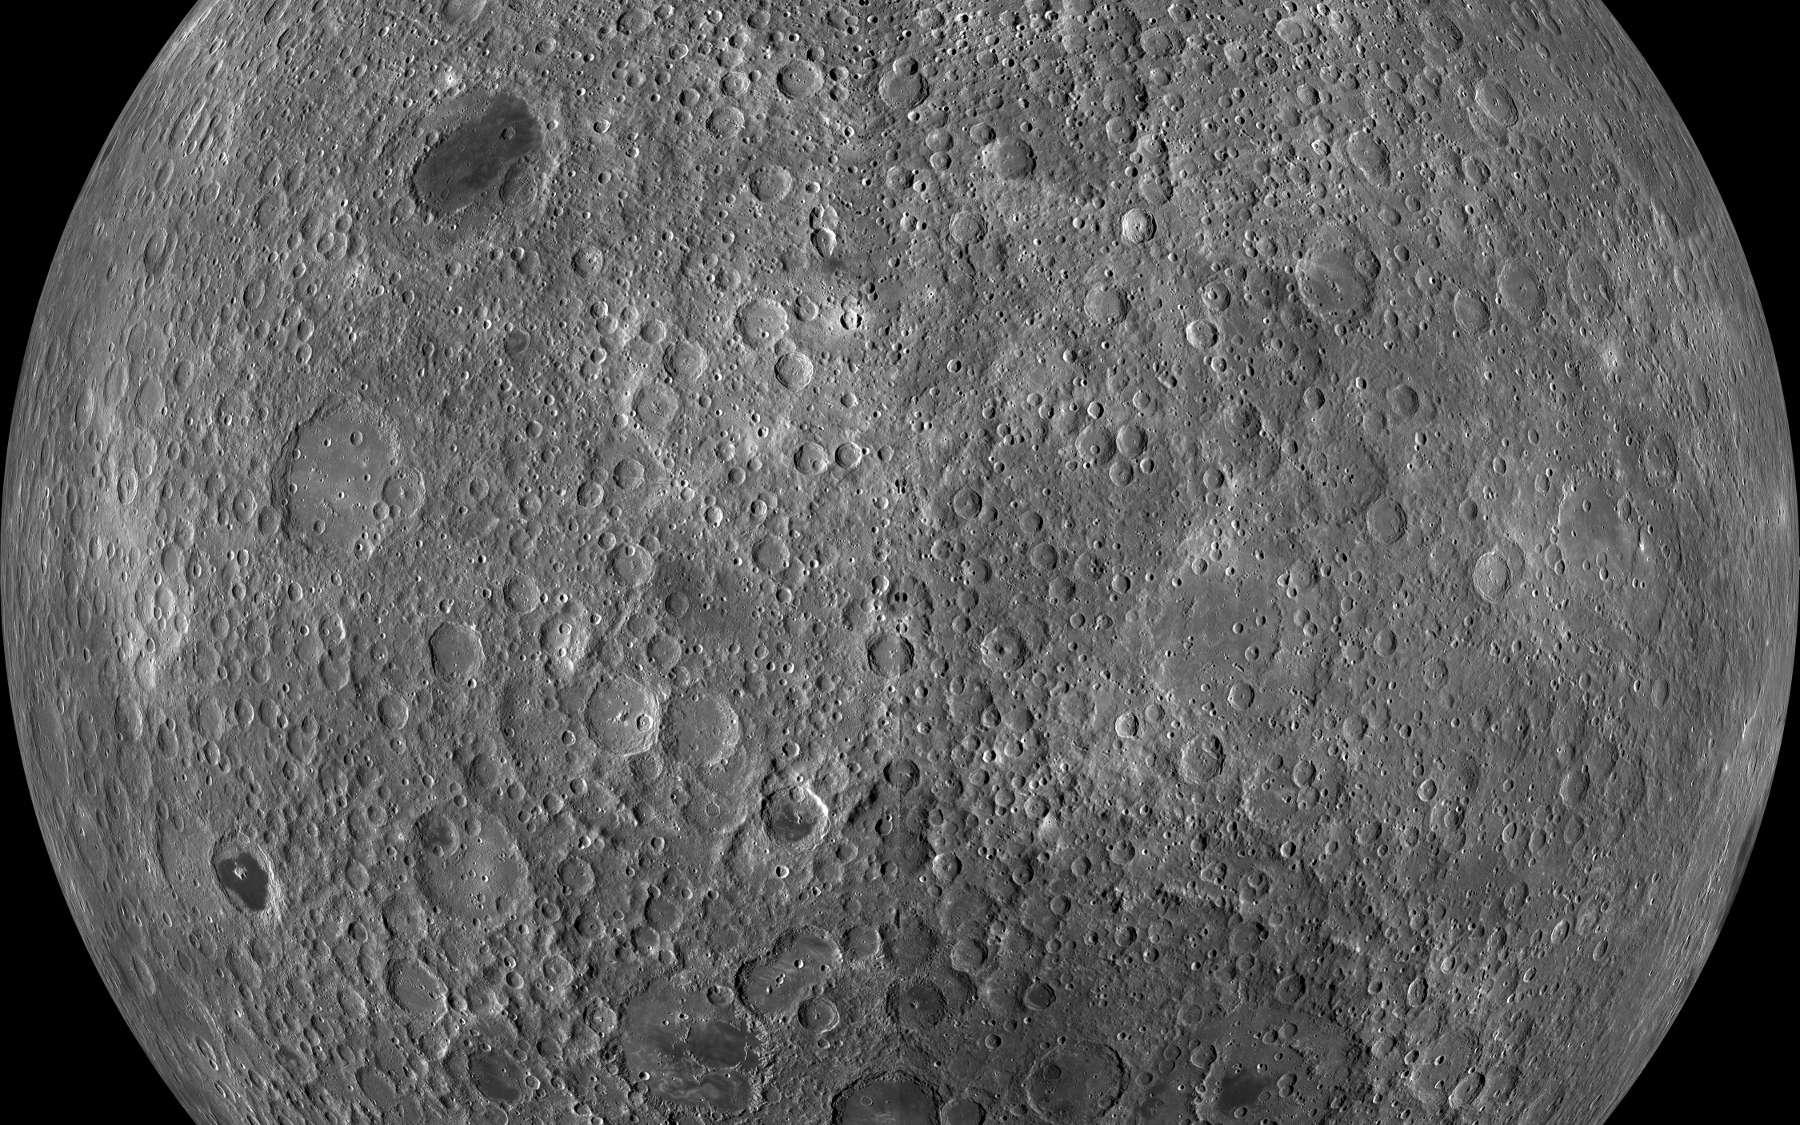 La Chine prévoit de visiter la face cachée de la Lune en 2018. Ici, une vue de la face cachée de la Lune prise par LRO. © Nasa